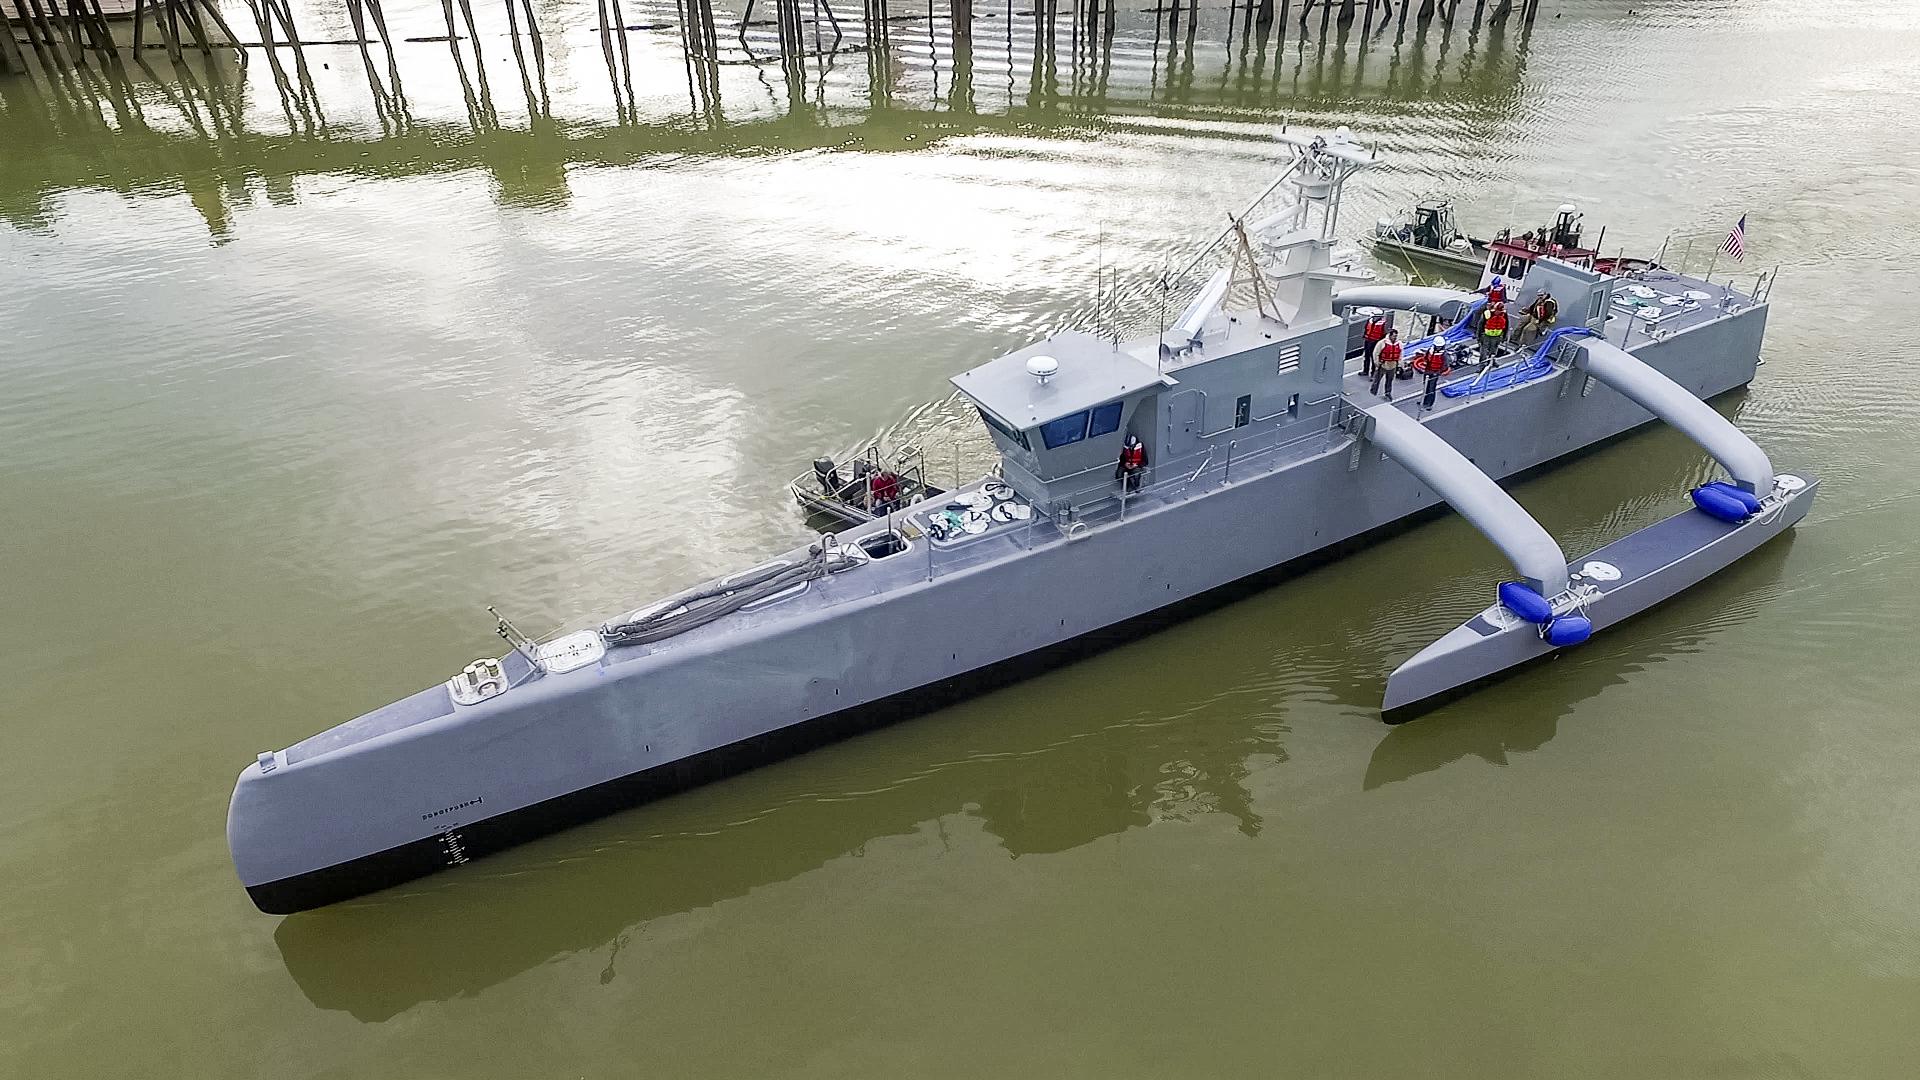 Một cabin được đặt trên tàu trong giai đoạn thử nghiệm để các chuyên gia có thể can thiệp vào quá trình lái nếu cần thiết (ảnh: DARPA)